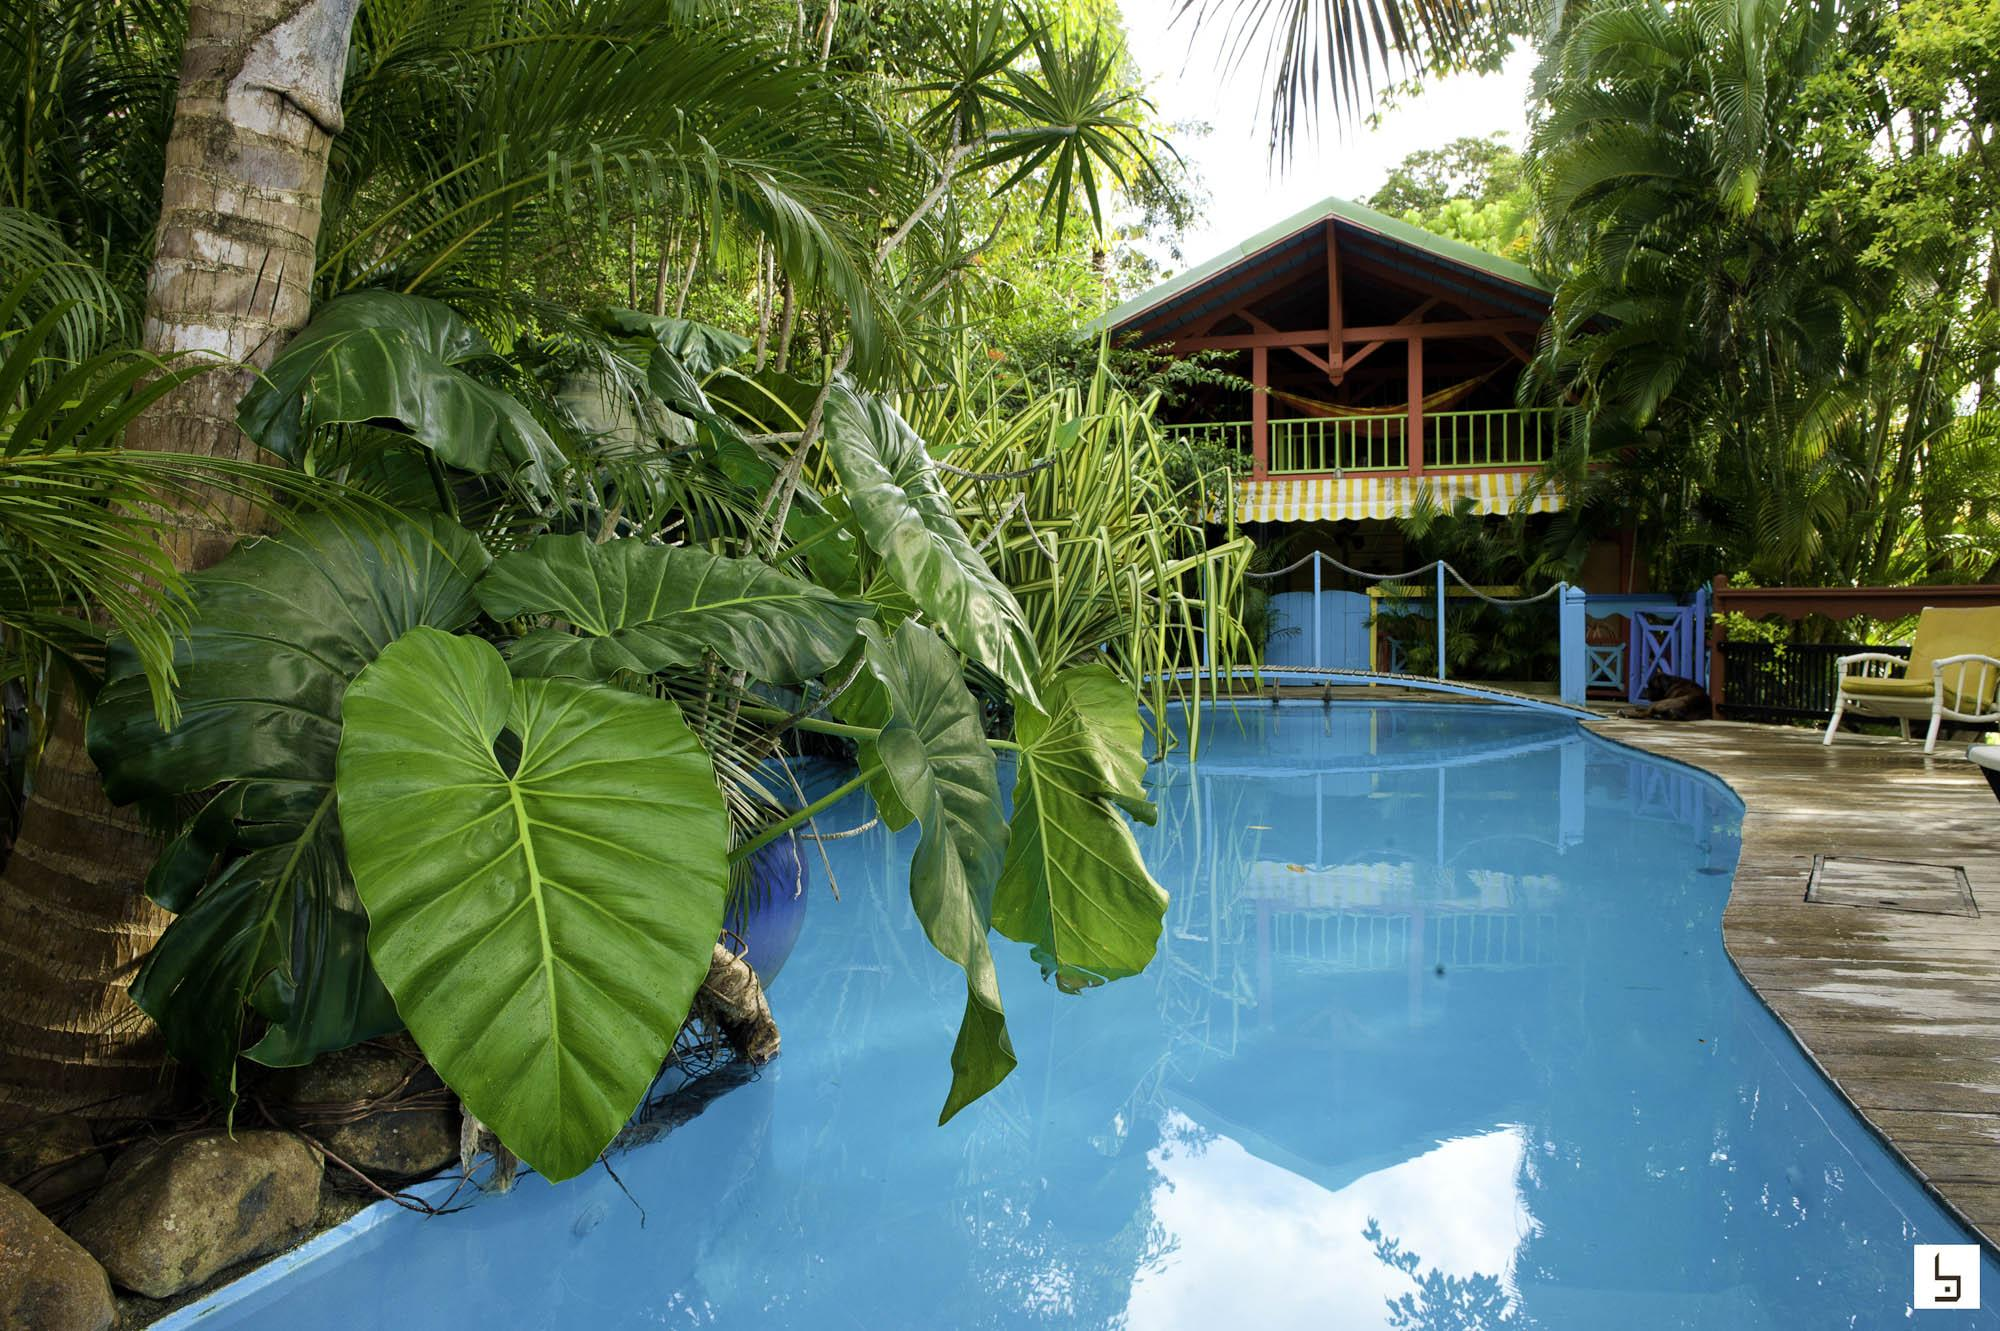 Guadeloupe tendacayou eco lodge spa